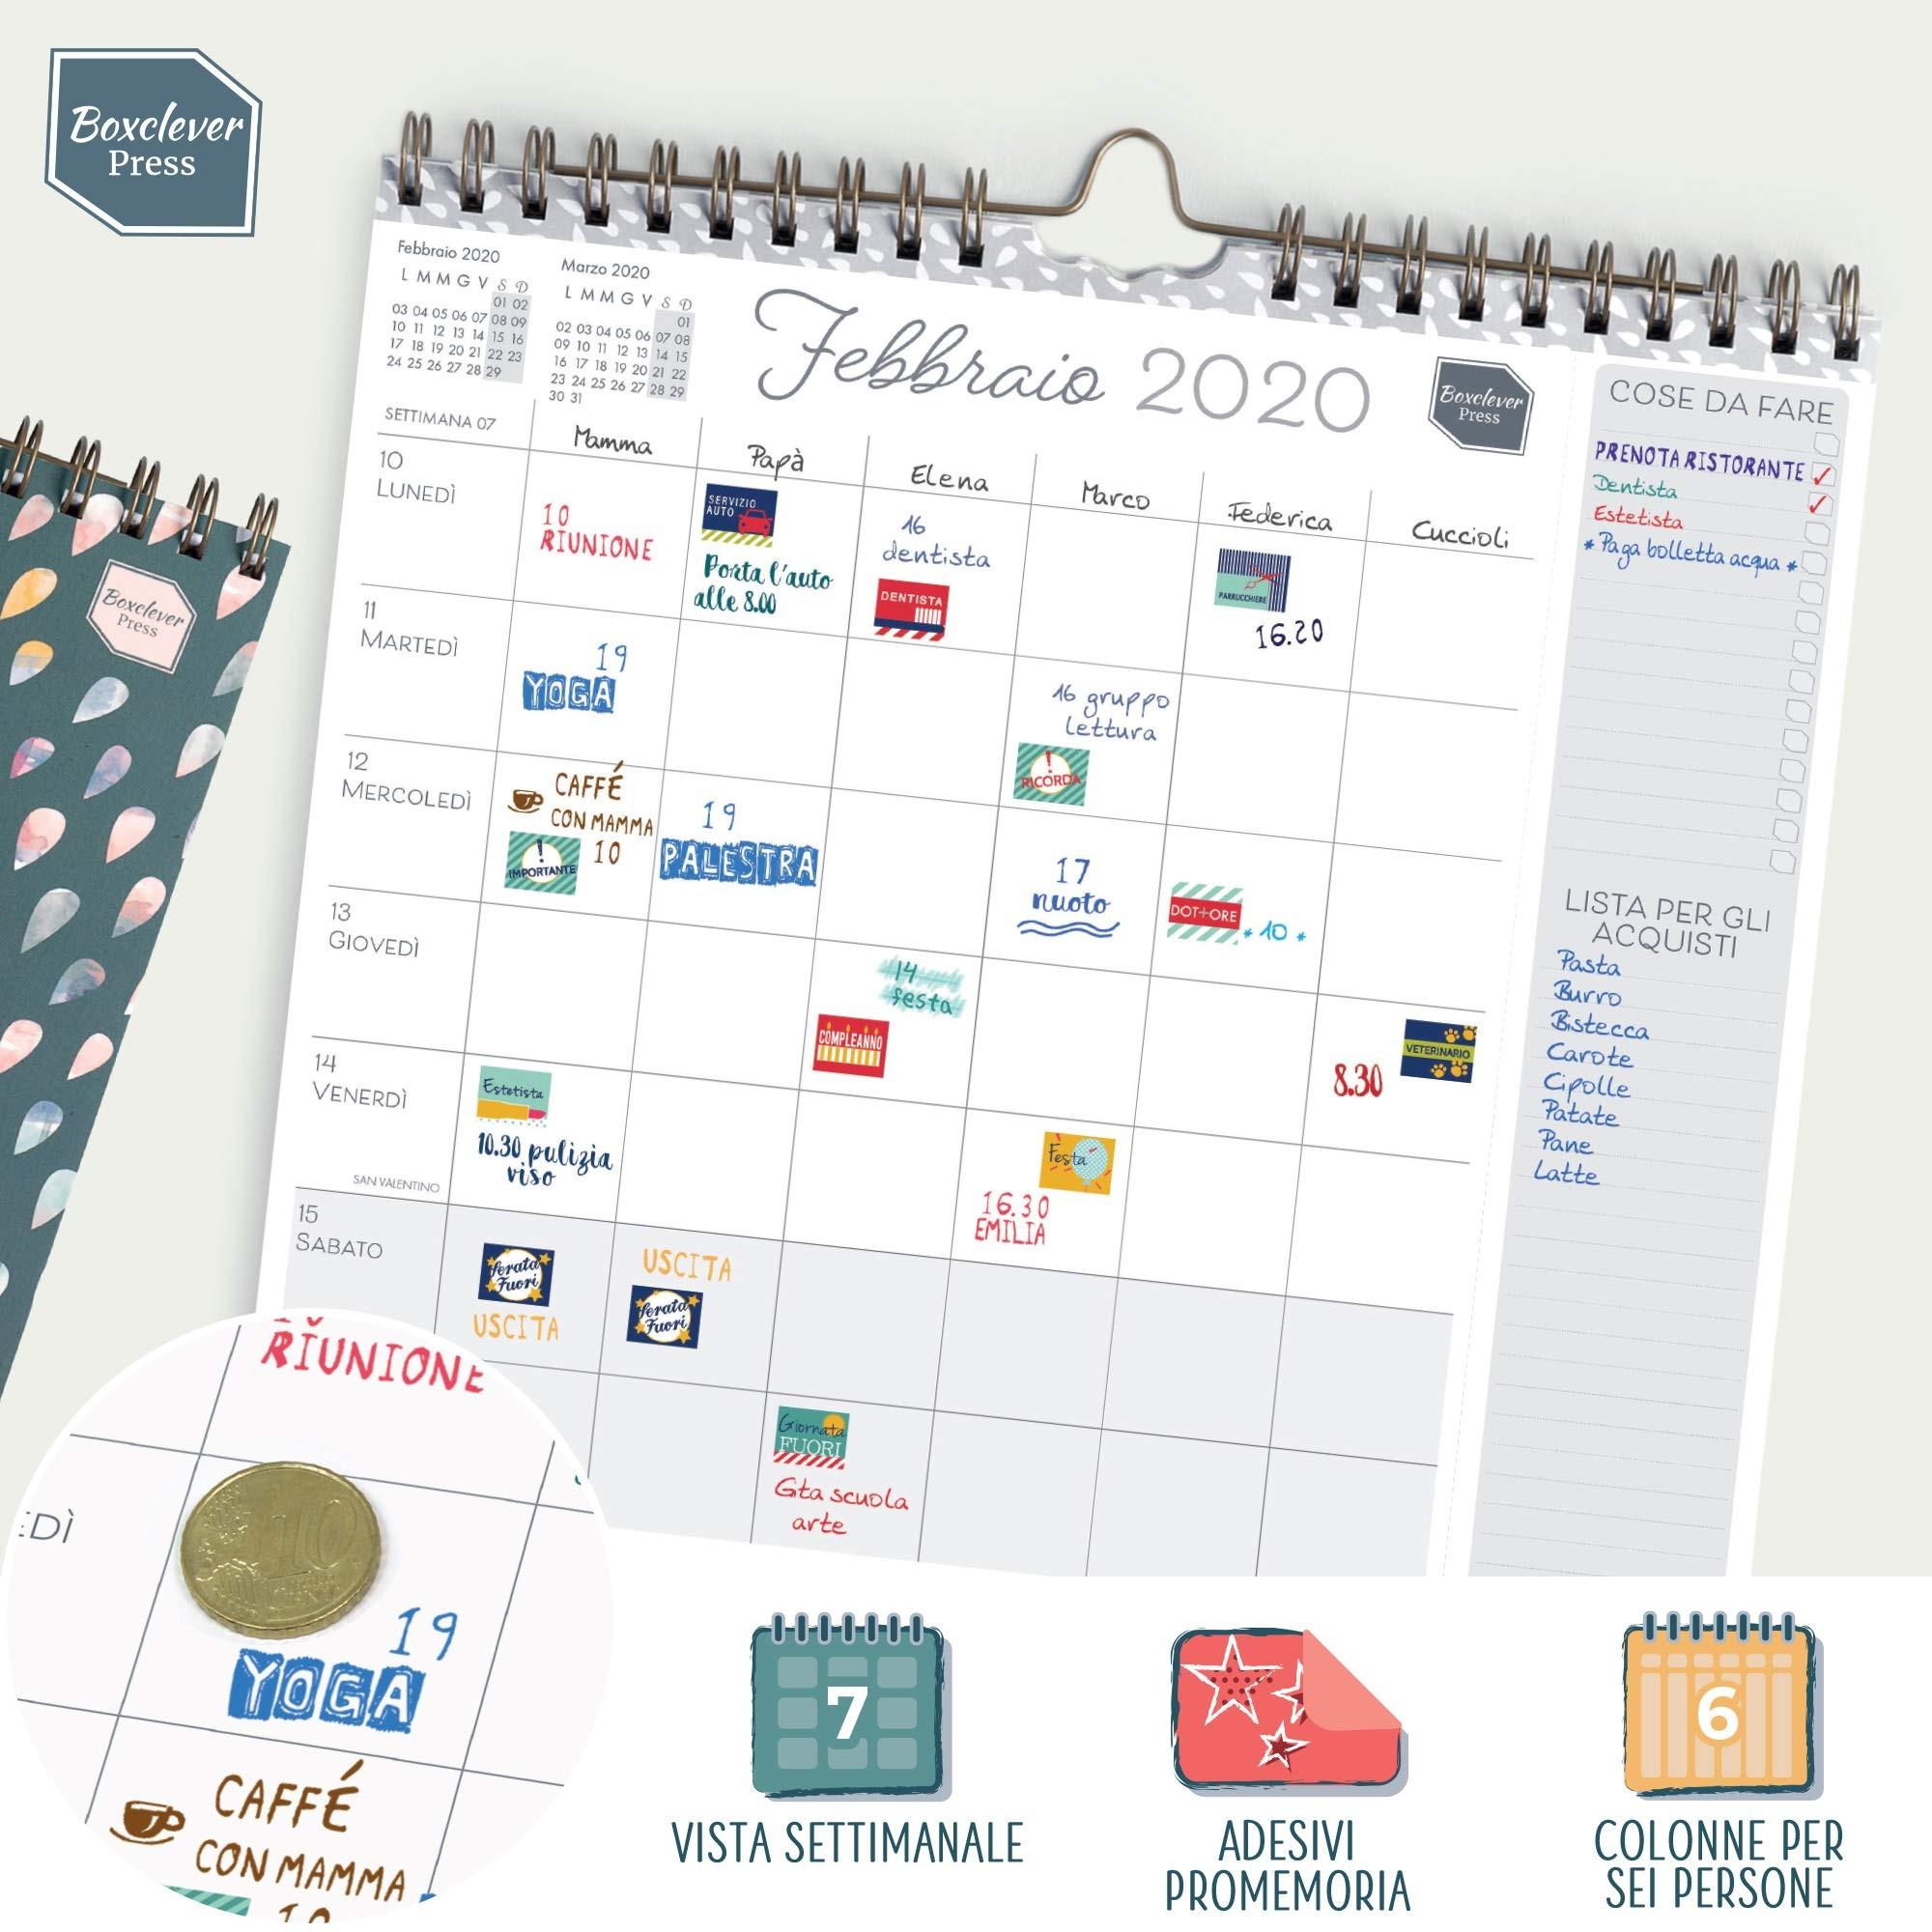 Calendario 2020 Colombia Marzo Más Recientes Calendario Agosto 2020 Of Calendario 2020 Colombia Marzo Recientes 11 Best Calendario Enero 2019 Argentina Images